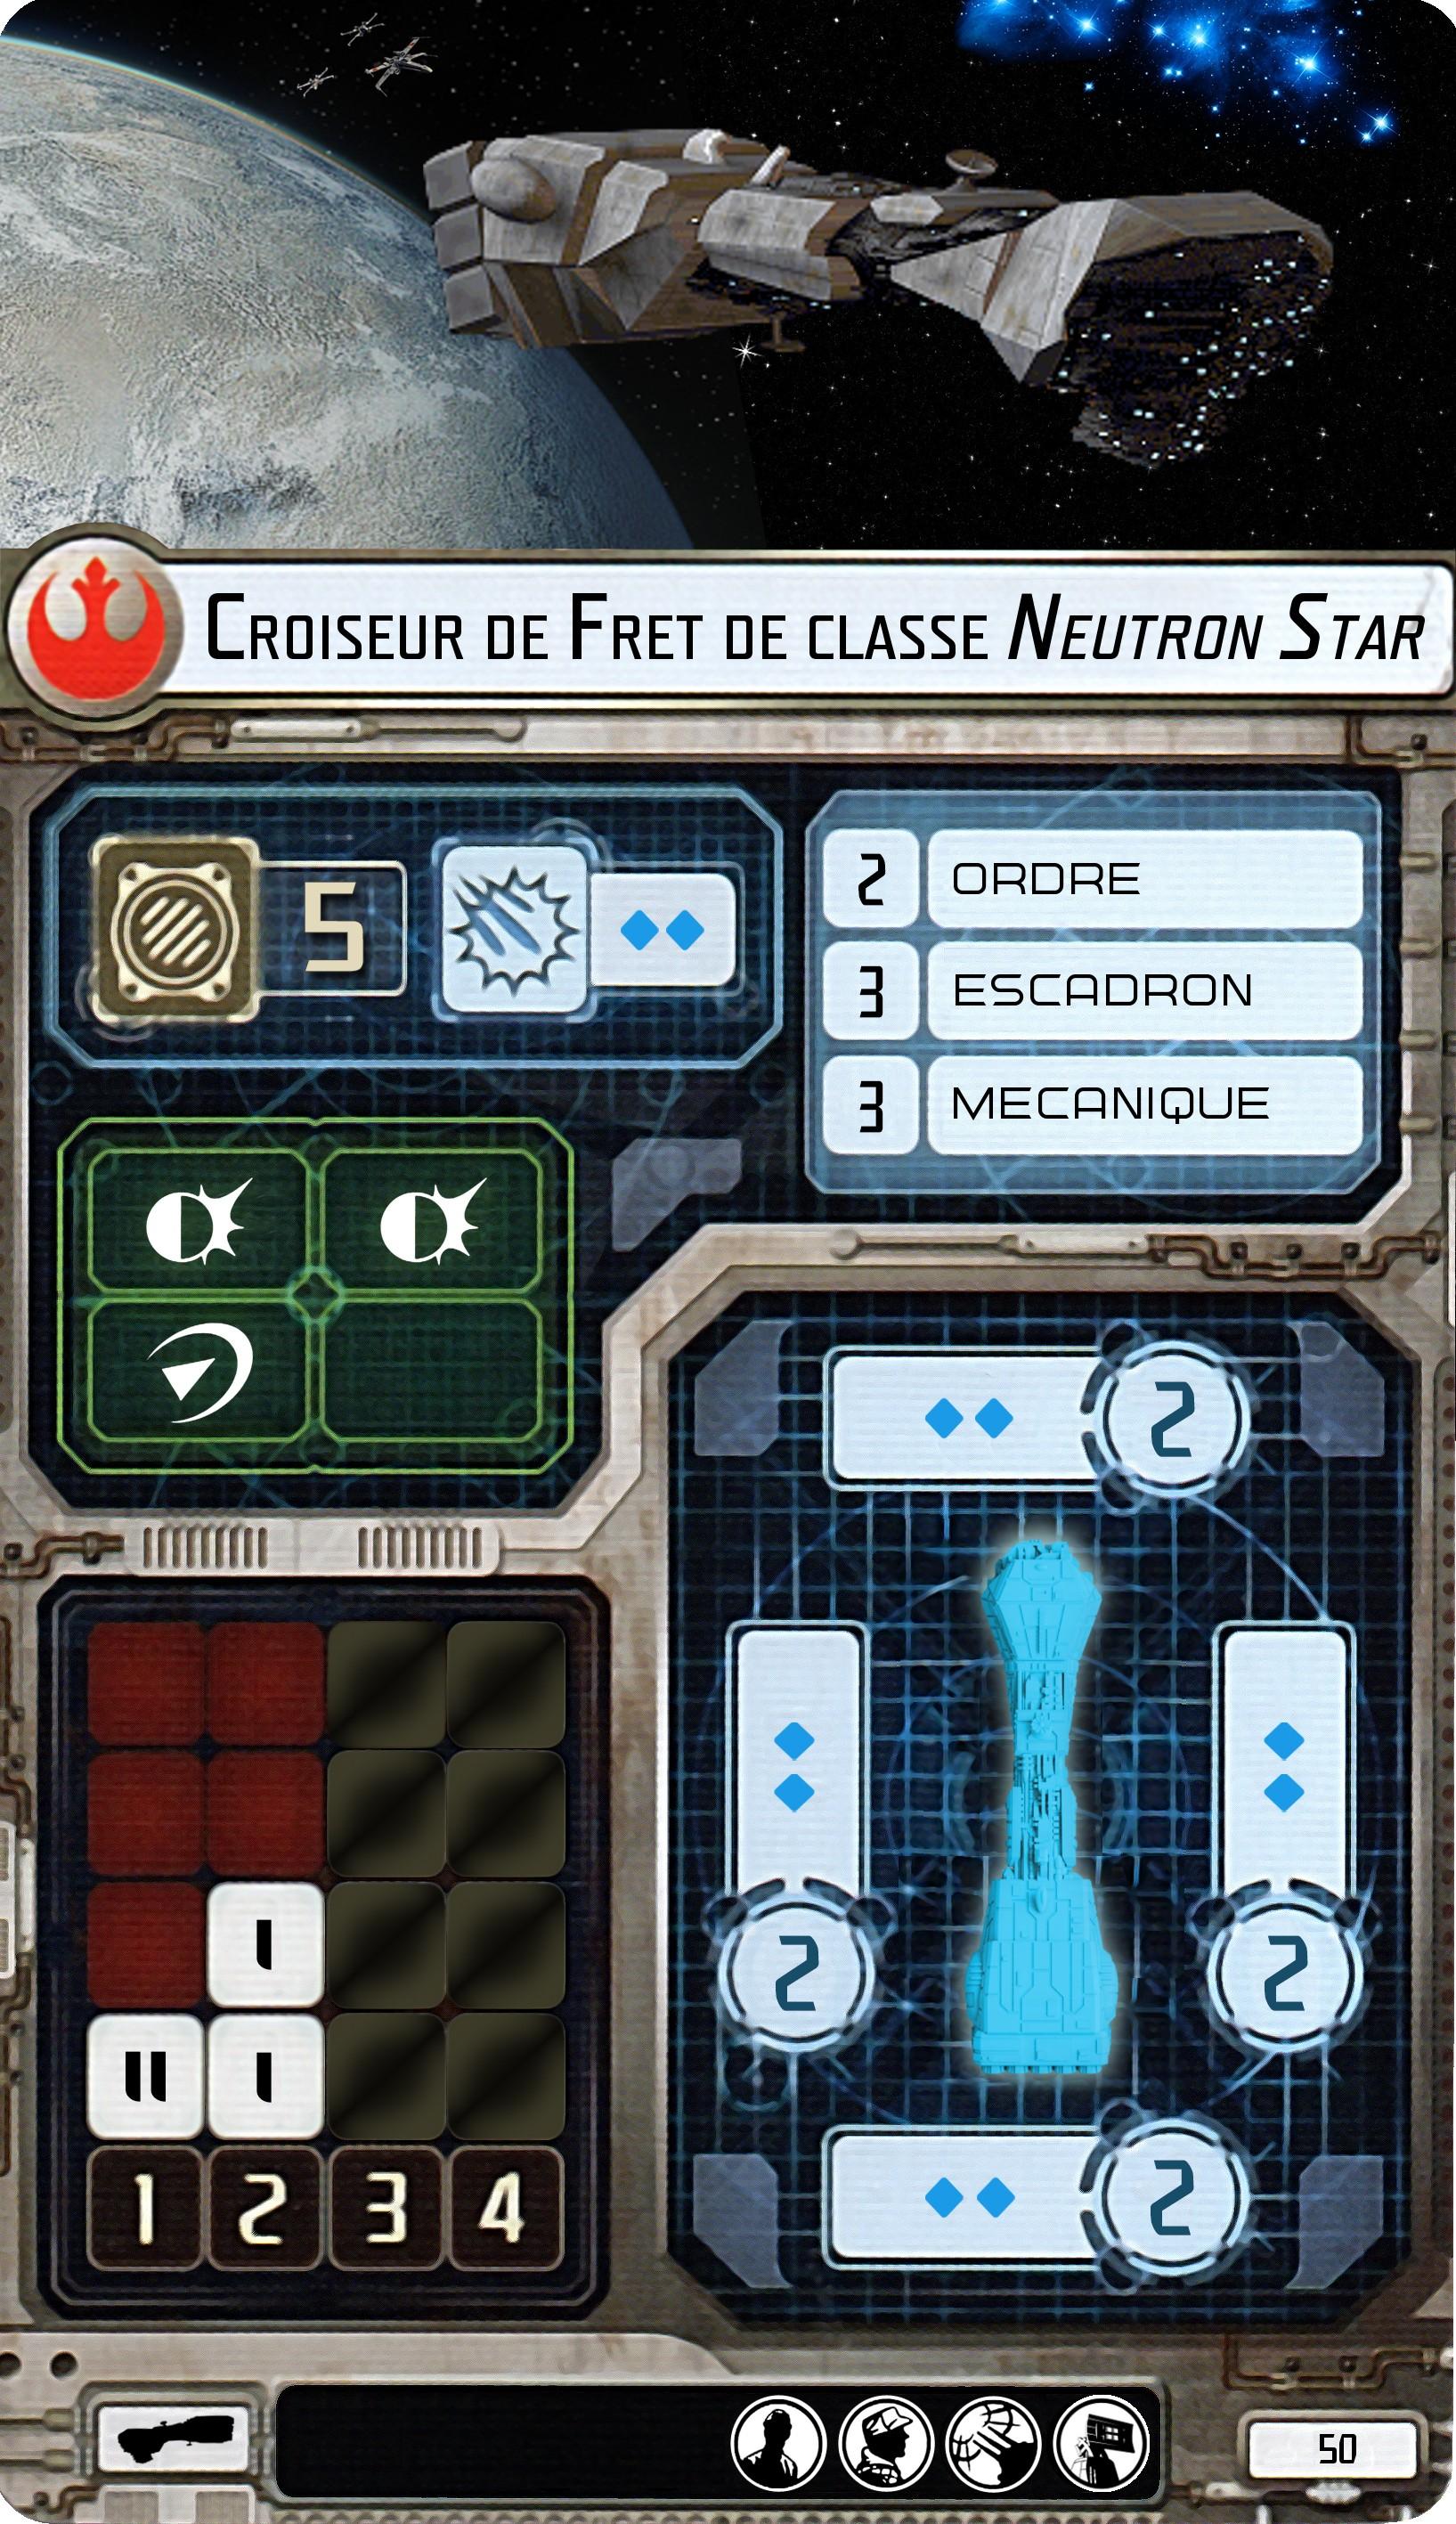 Croiseur de fret Neutron